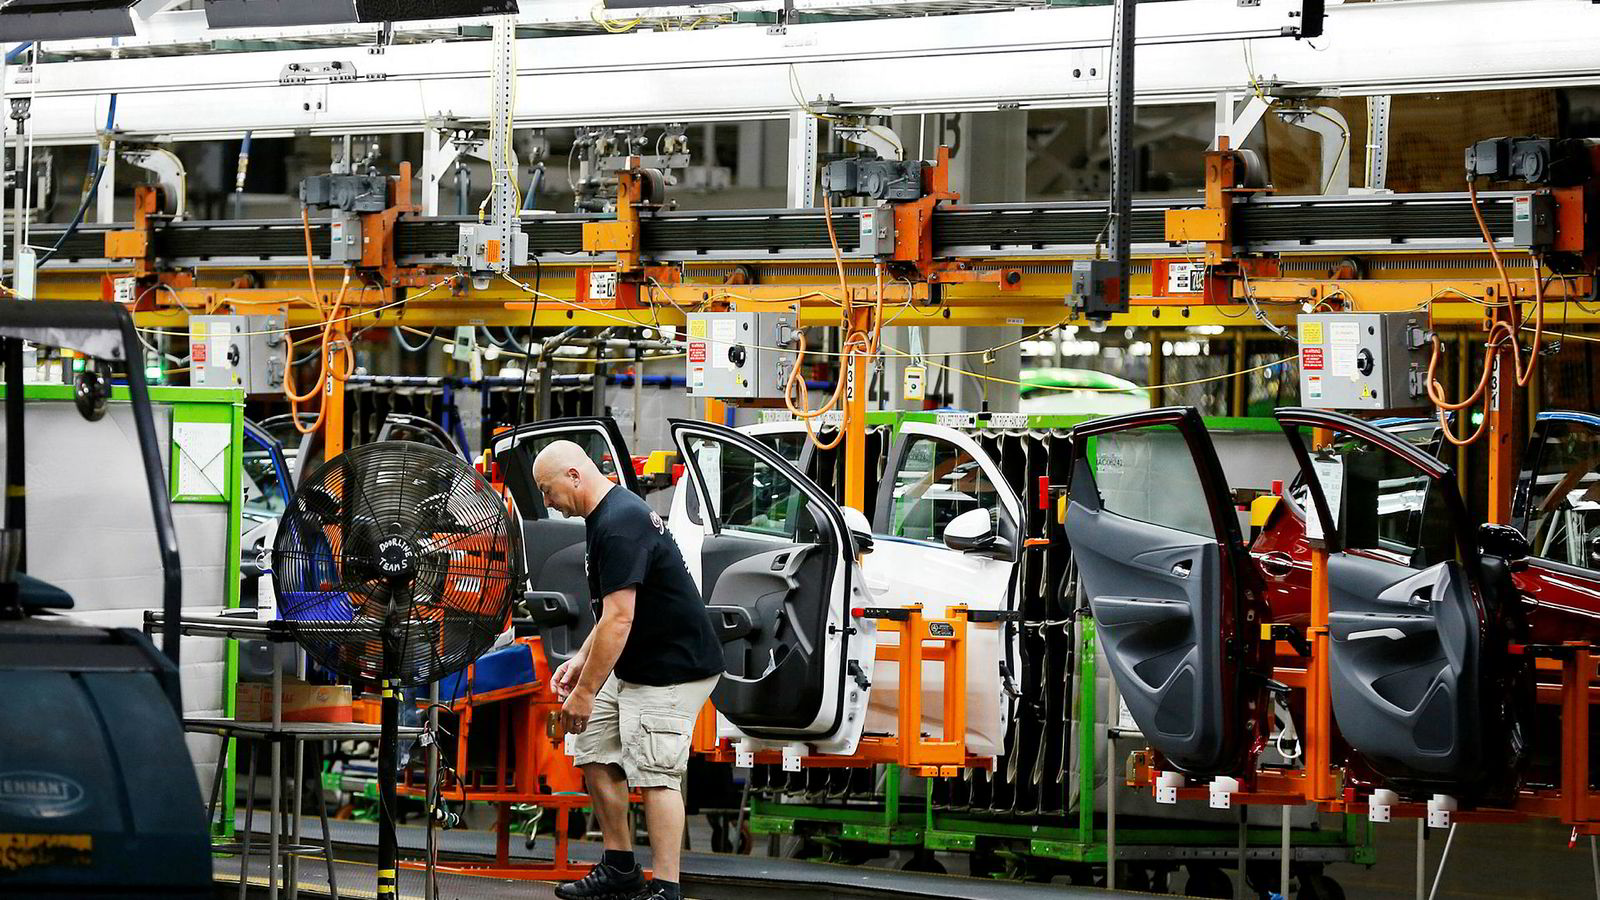 En arbeider jobber med produksjonen på General Motors i Michigan, USA. Bildet er tatt 13. juni 2017. Illustrasjonsbilde.